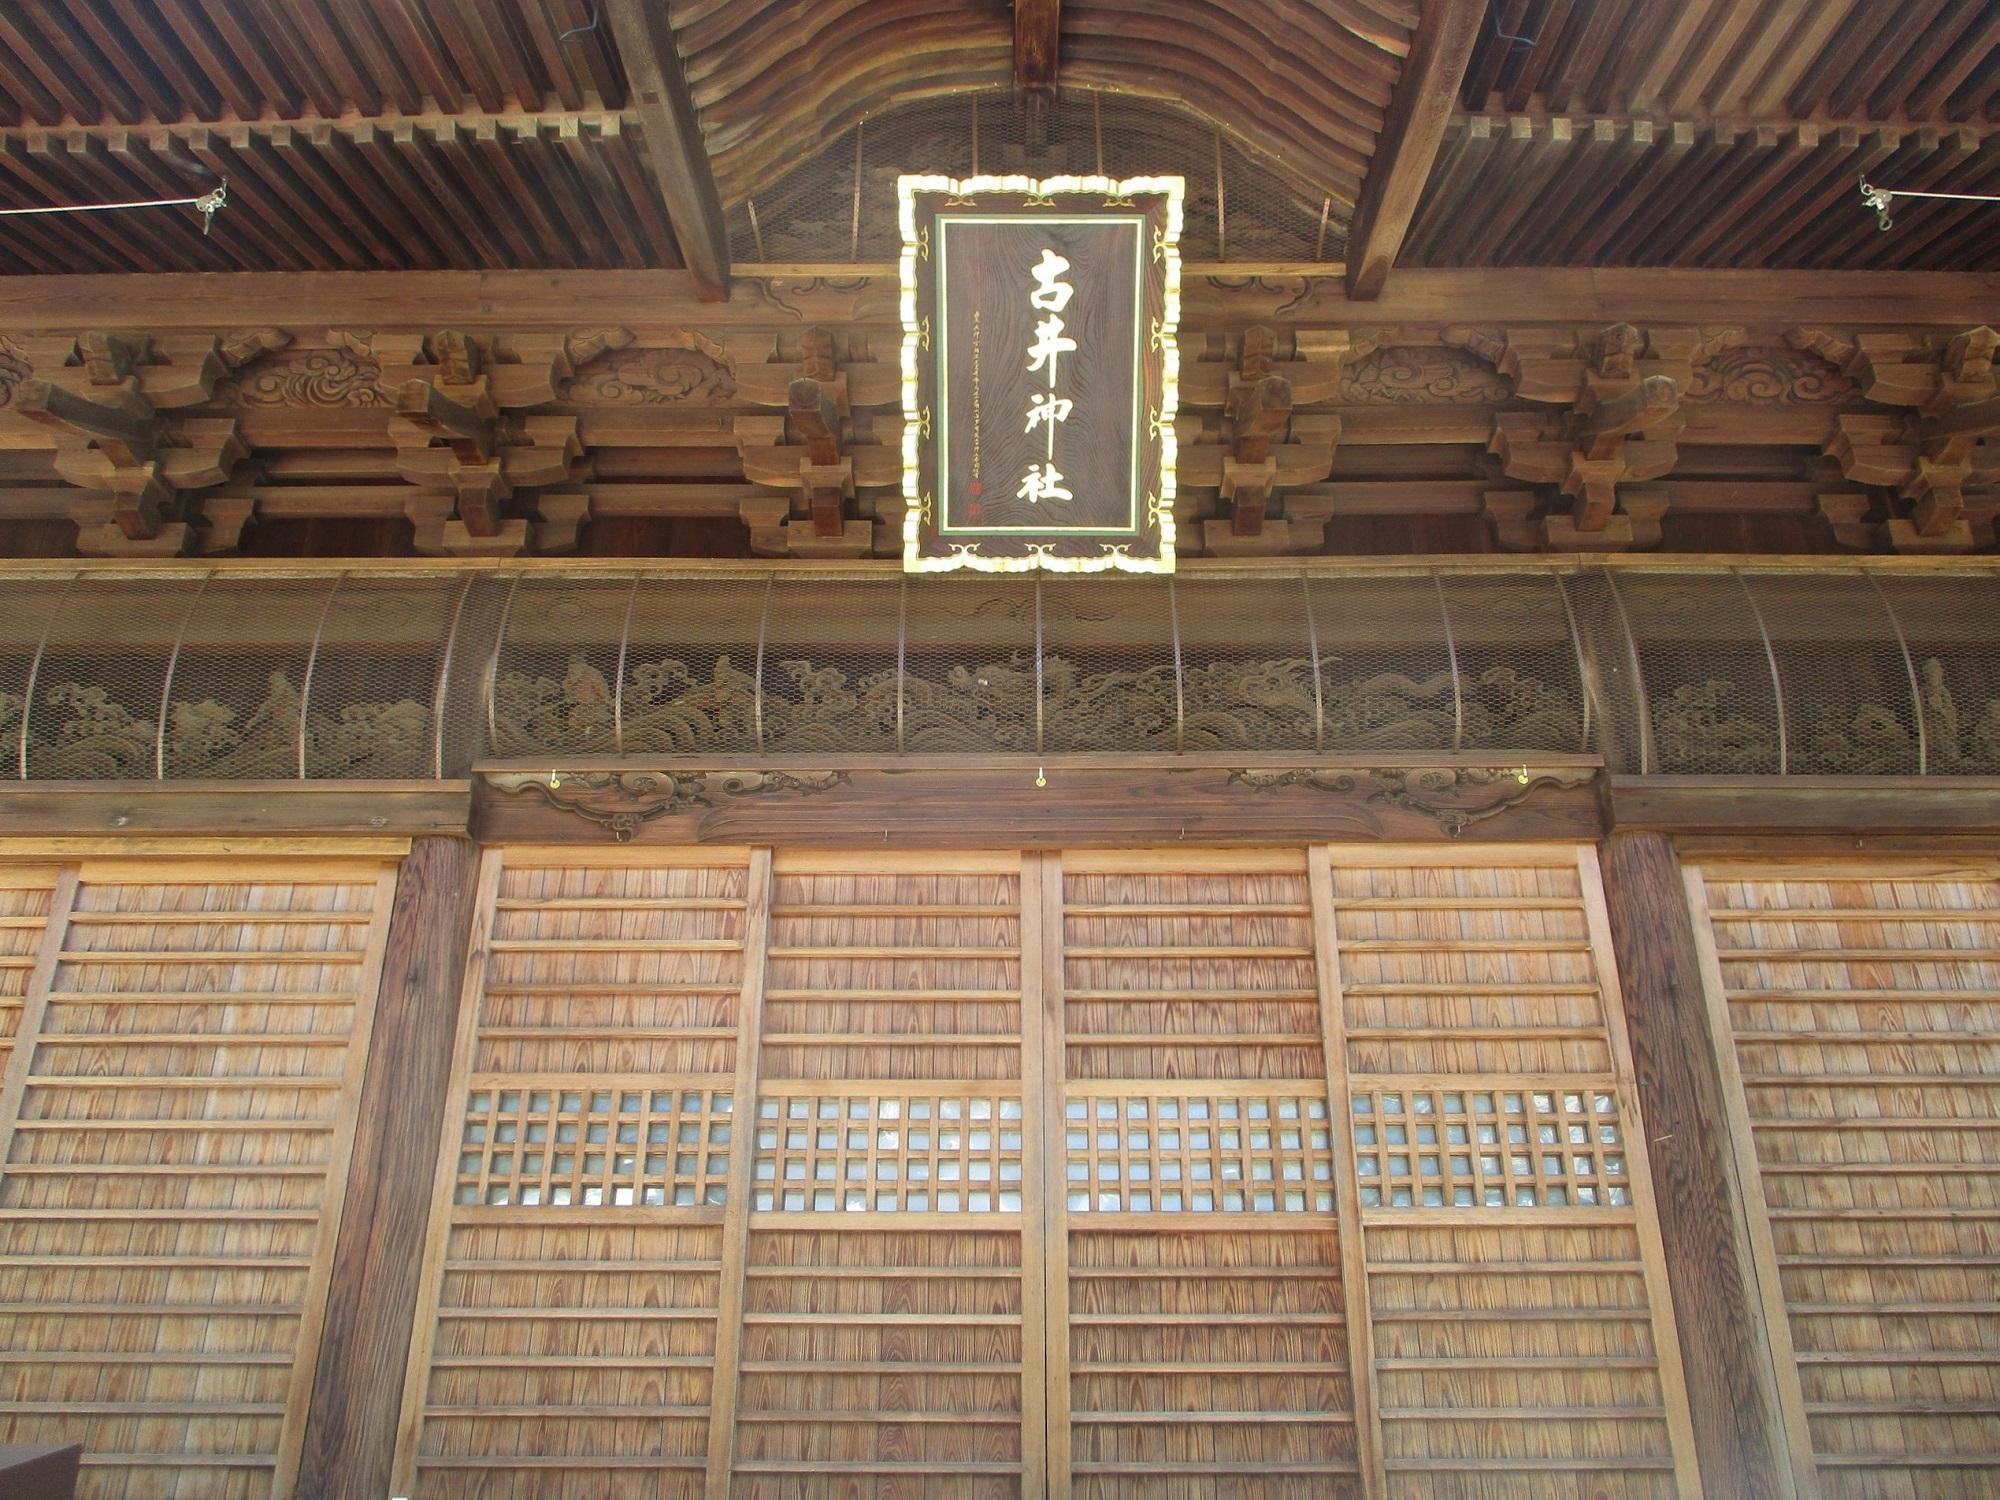 2020.6.17 (4) 古井神社 - 拝殿のきした 2000-1500